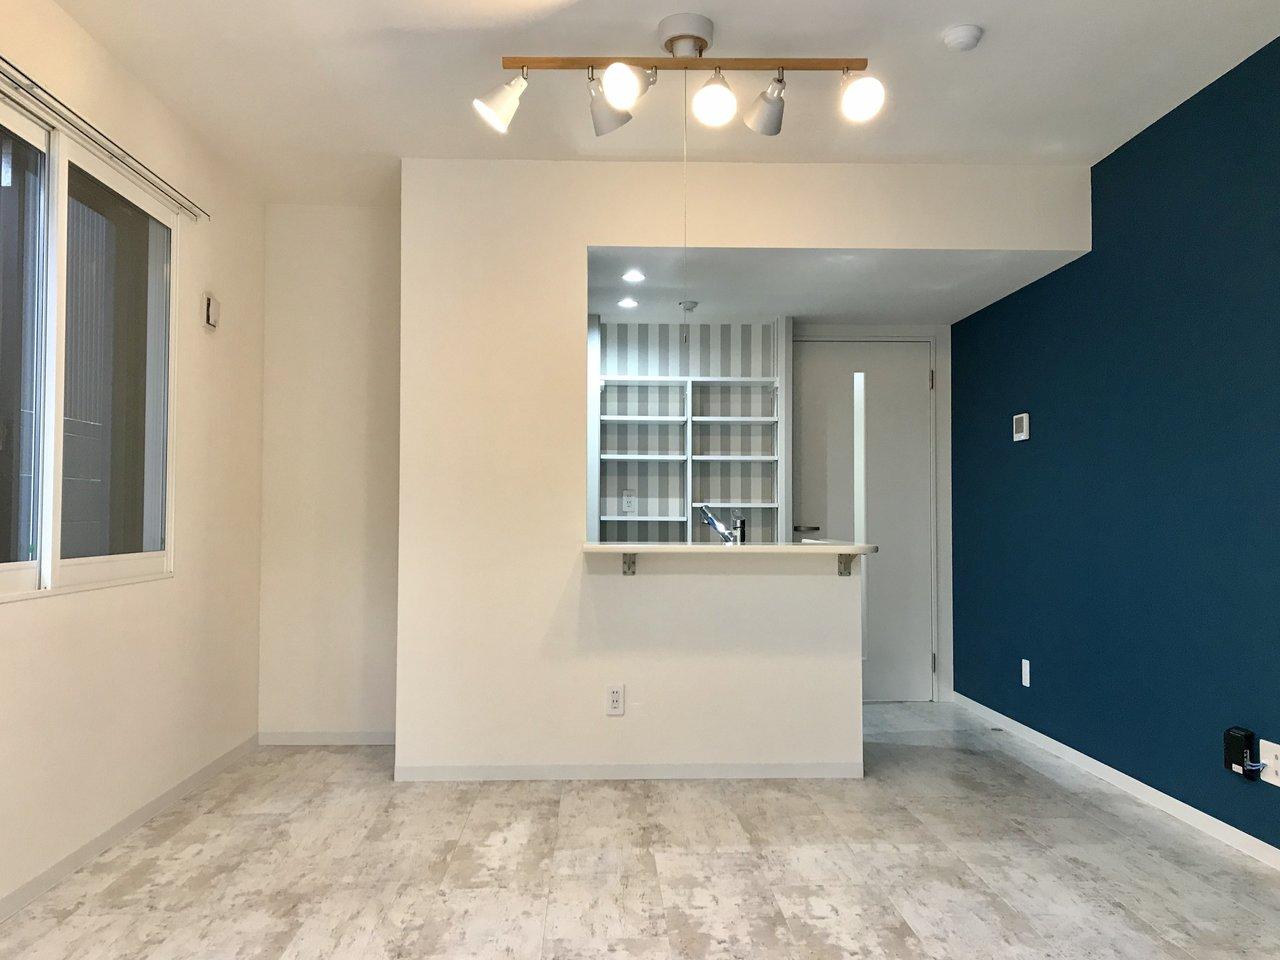 鮮やかなブルーのアクセントクロスに、キッチン裏のストライプのクロス。両方のバランスが良く、一気にお部屋のイメージを明るくしてくれる1LDKのこちらのお部屋。カウンターテーブル付きのキッチンは、物もいろいろ置けて便利そう。